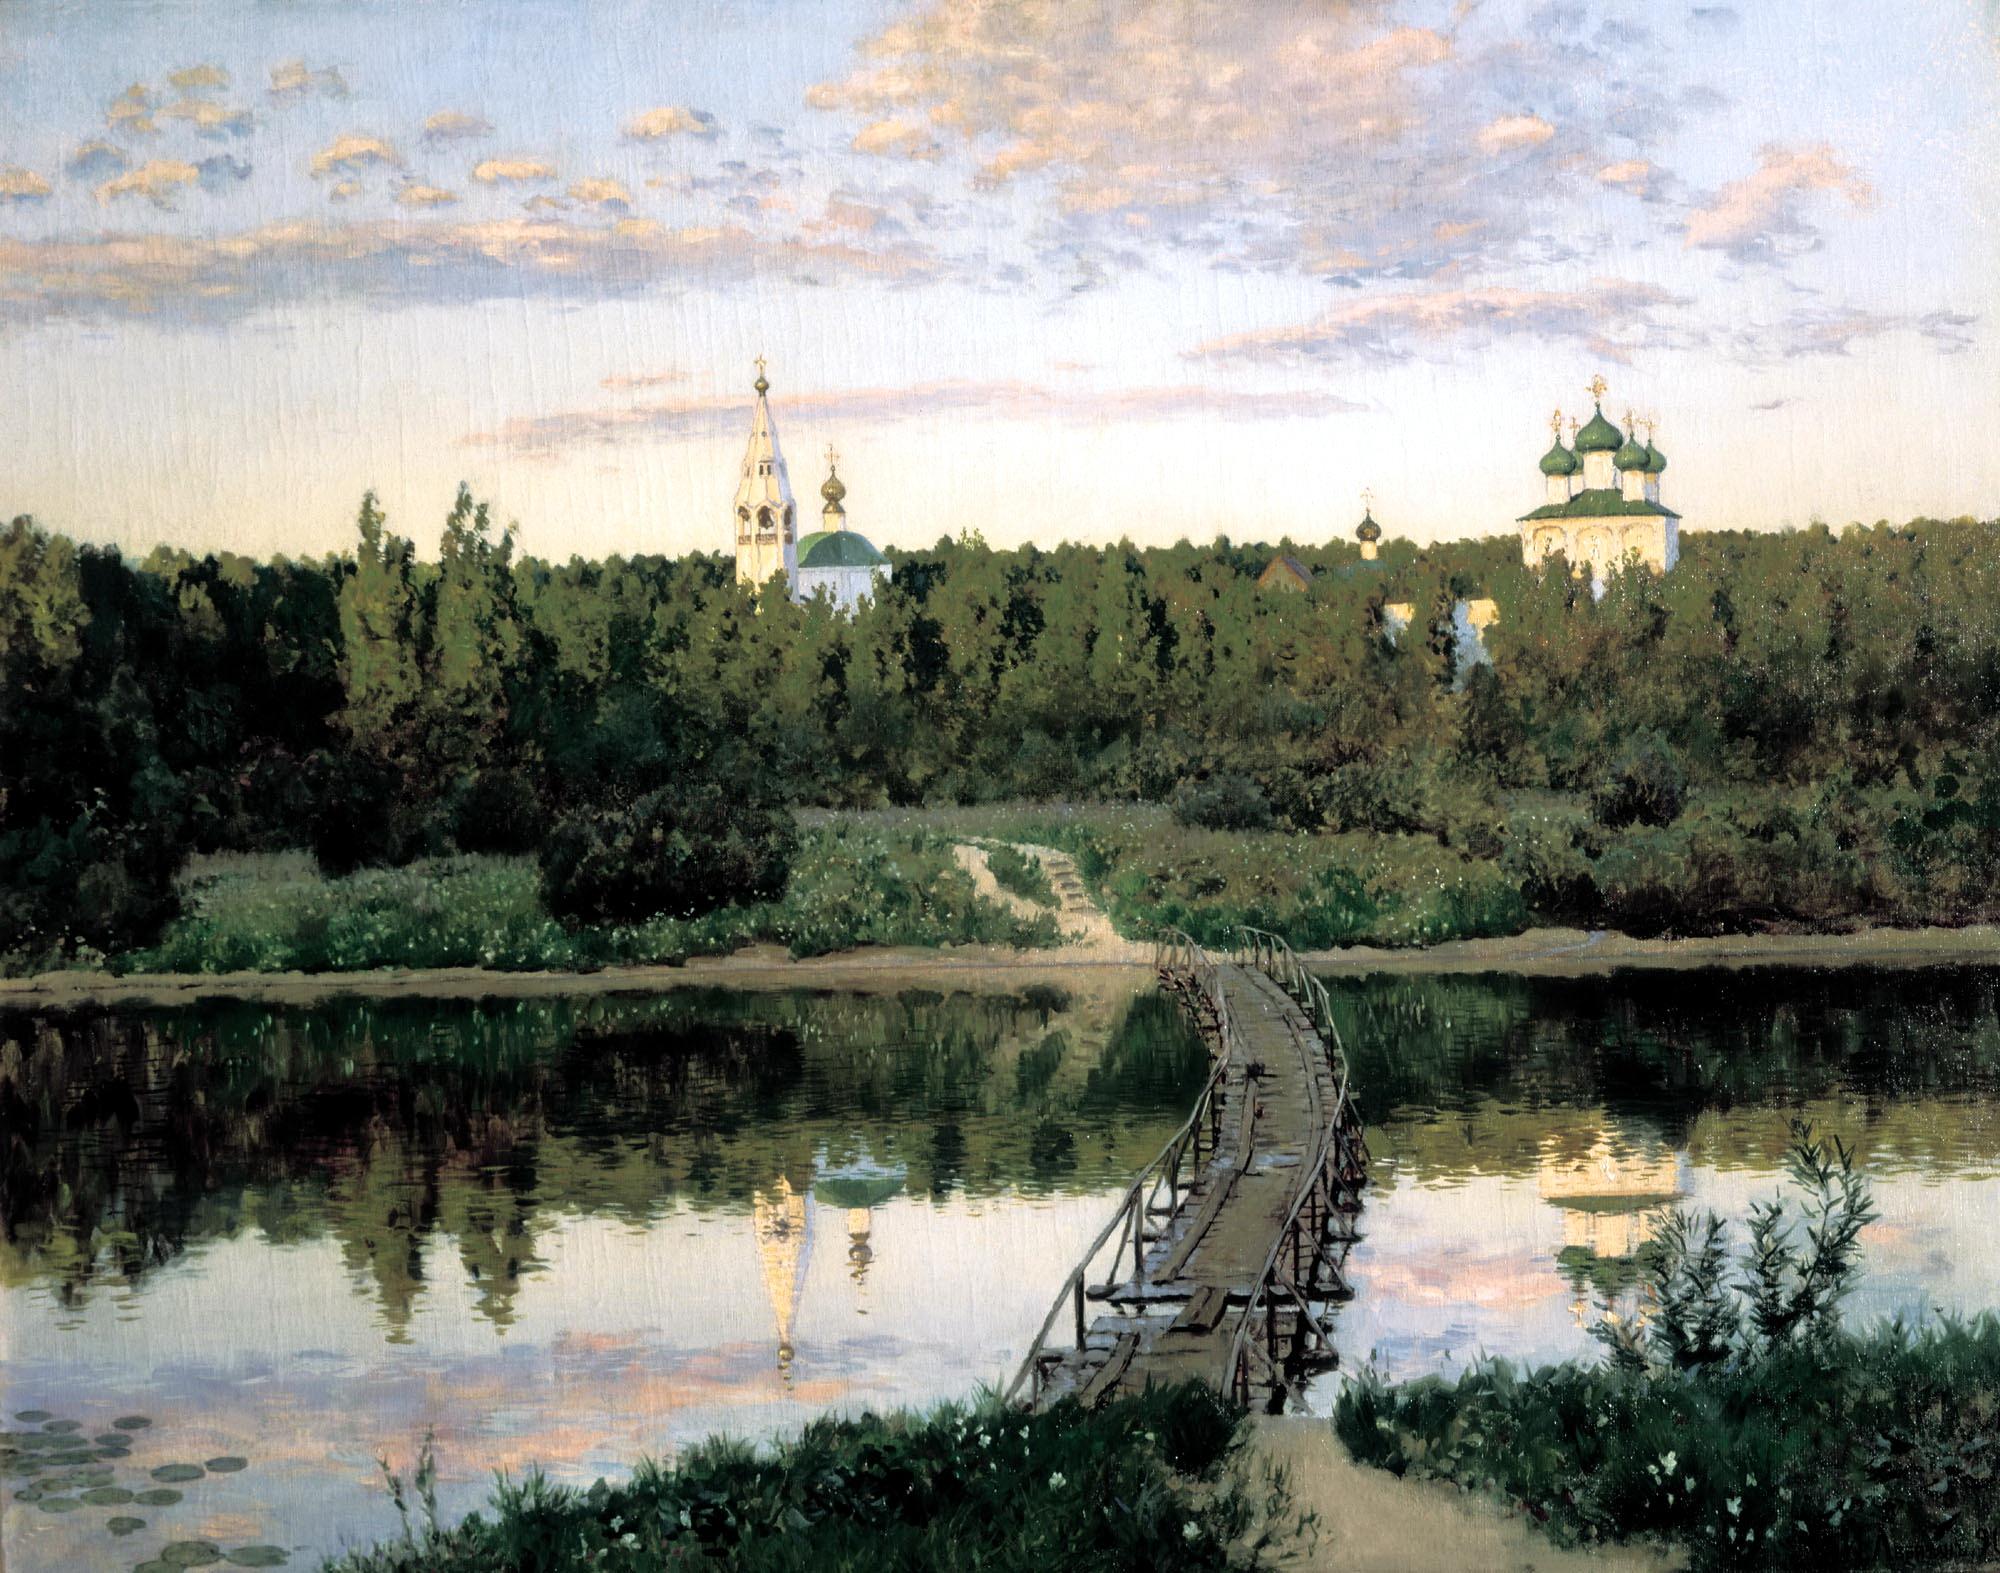 картины художников монастырь фото превращения нимфу